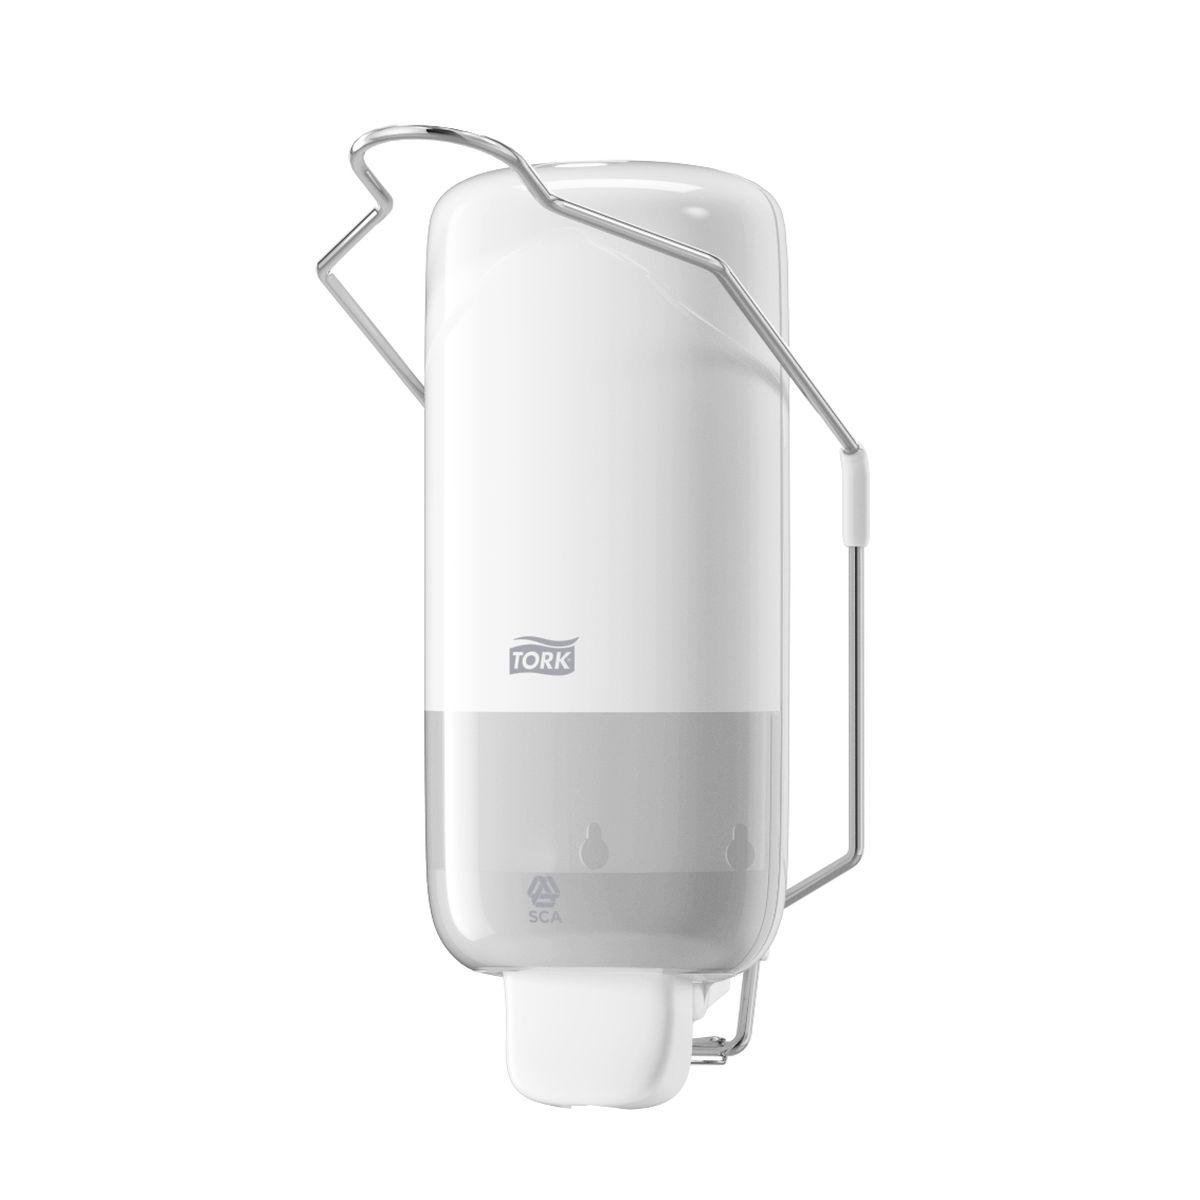 Диспенсер для мыла Tork, цвет: белый. 560100UP210DFДиспенсер с локтевым приводом для мыла Tork Elevation идеально подходит для мест с повышенными гигиеническими требованиями, например, медицинских центров, больниц, лабораторий и пр.Локтевой привод - для помещений с повышенными гигиеническими требованиями.Надежная система подачи мыла - экономичный расход, исключает протекание.Ударопрочный пластик - отвечает всем требованиям гигиены.1000 порций мыла.